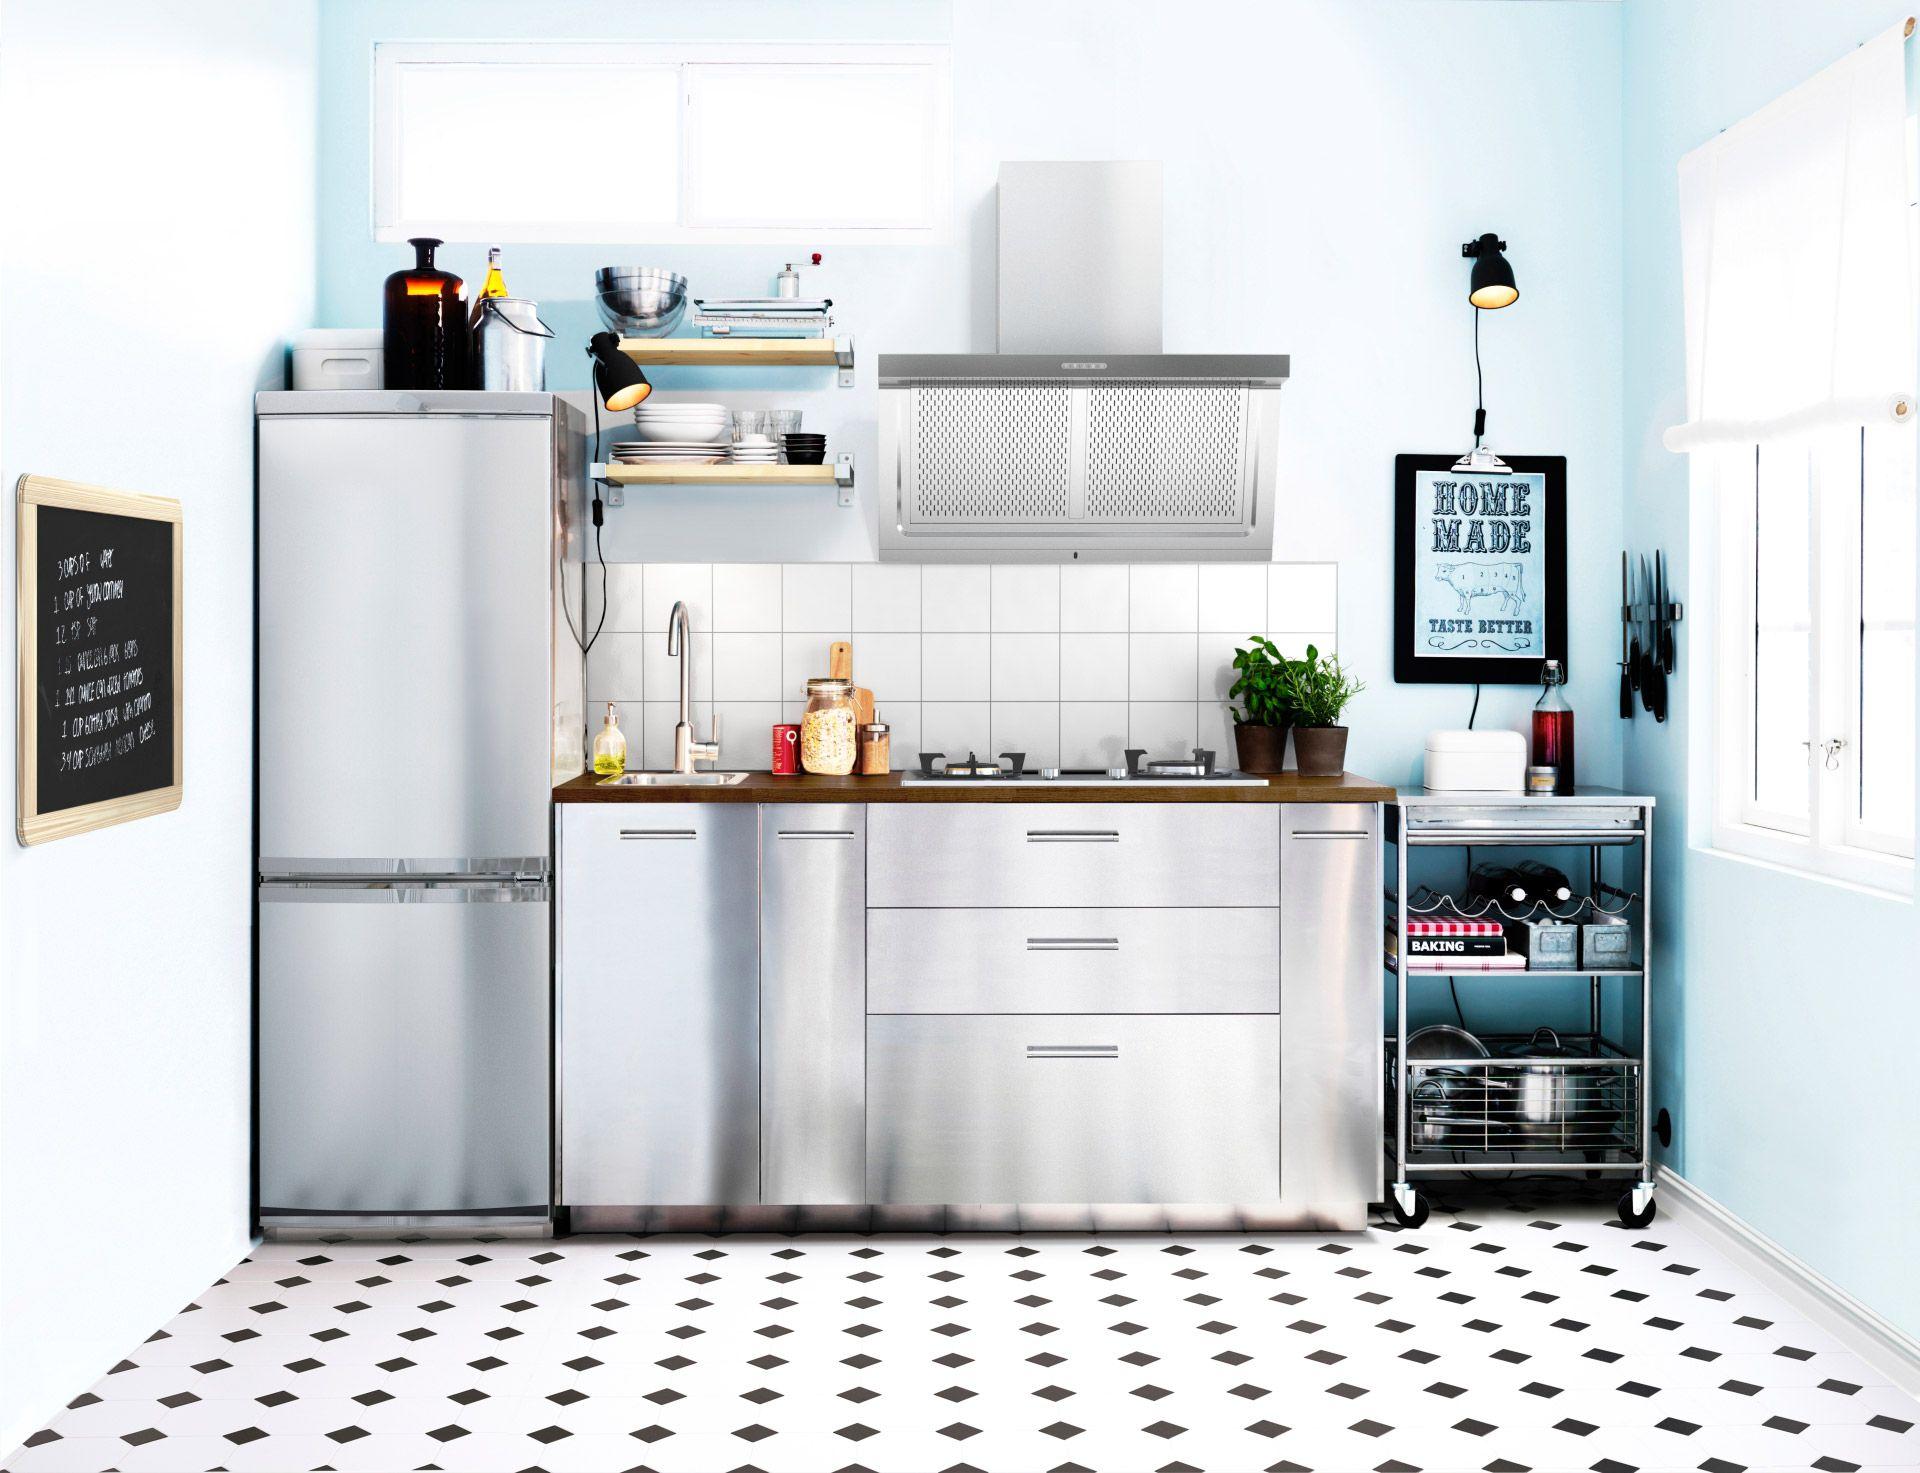 Ikea espa a dise o cocinas casa dise o for Ikea cocinas planificador